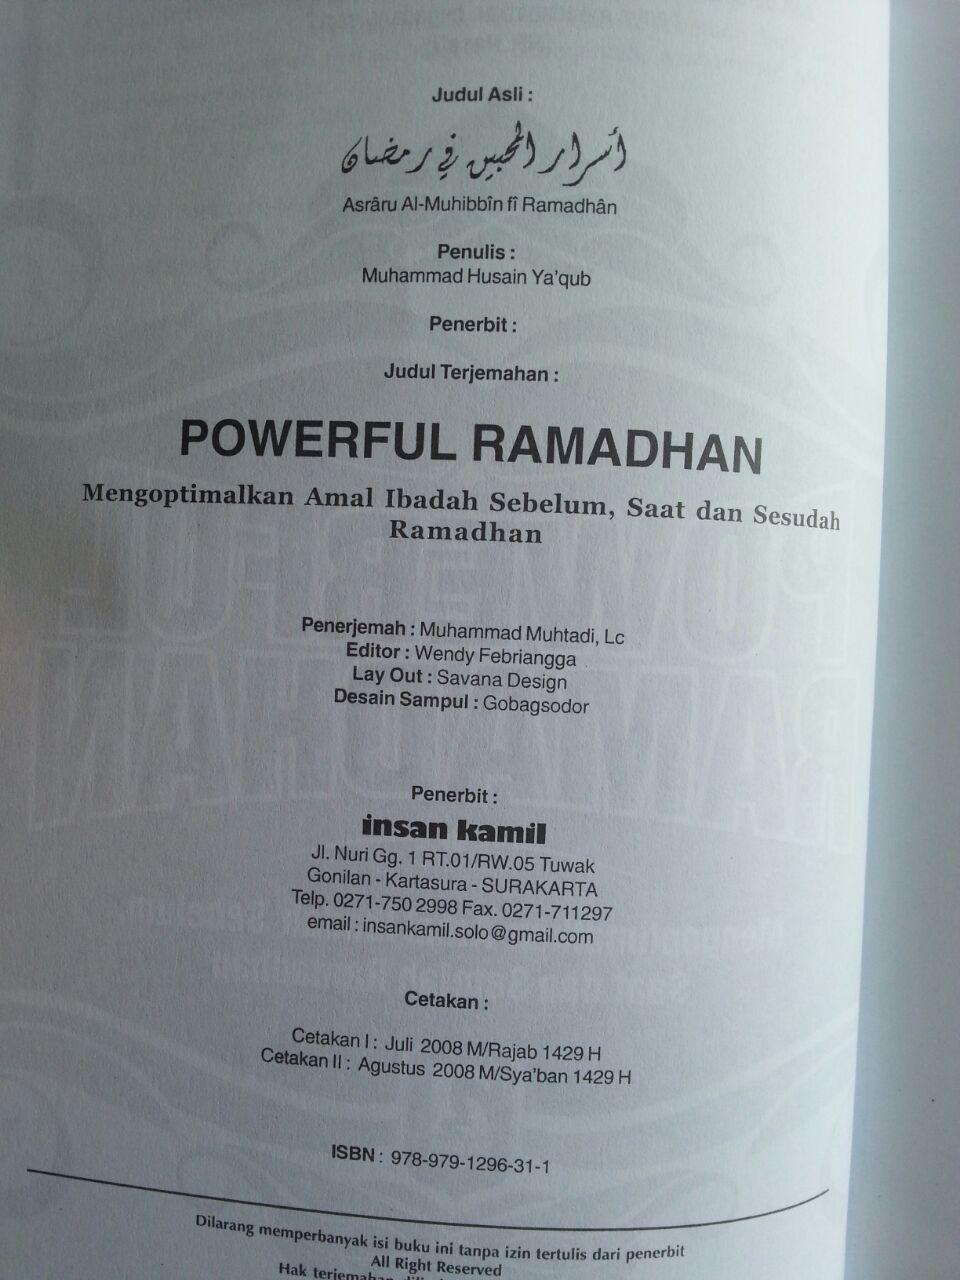 Buku Powerful Ramadhan Mengoptimalkan Amal Ramadhan isi